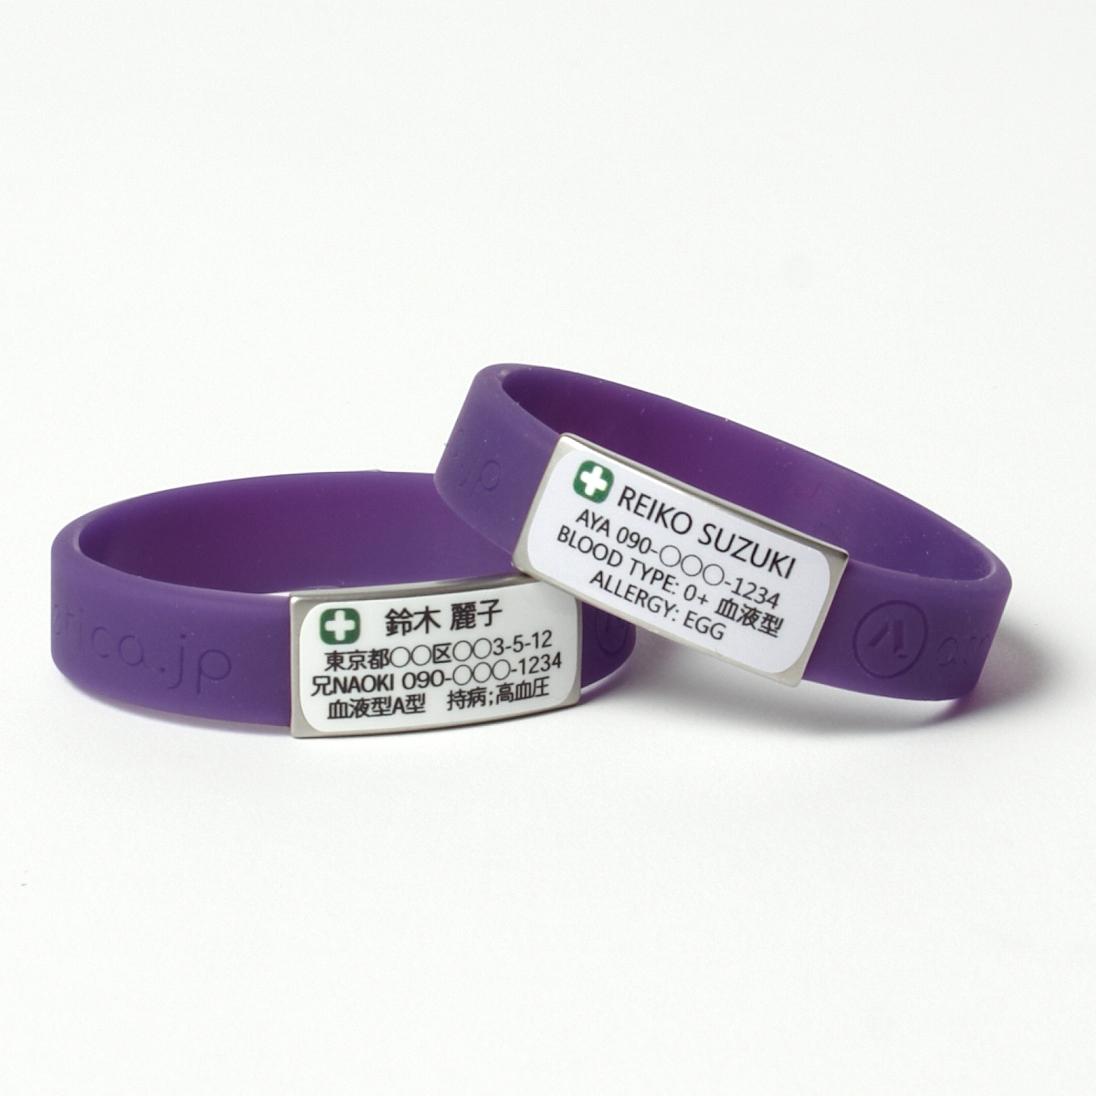 アスレチカ IDバンド バンド:紫